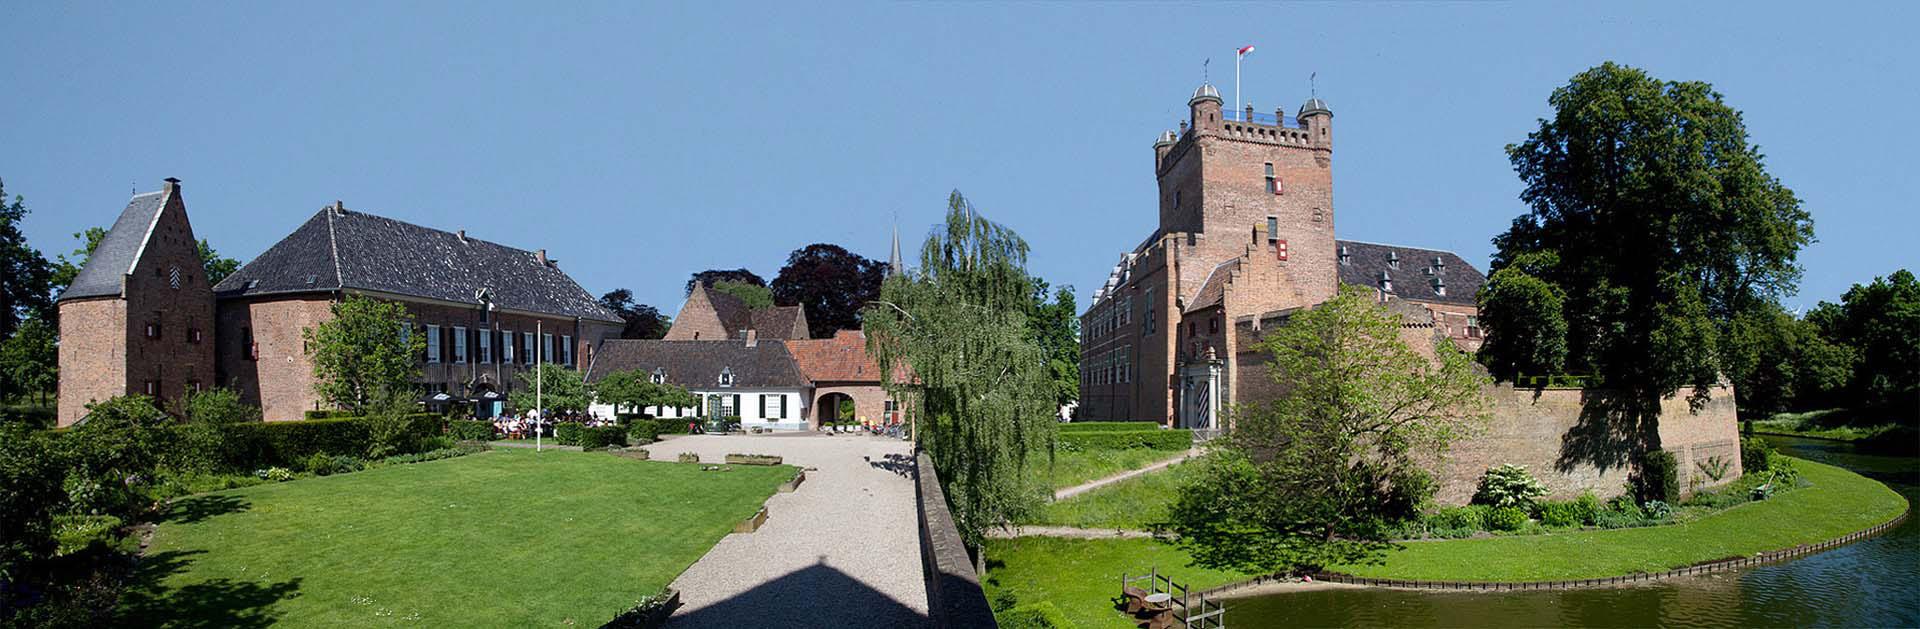 Kasteel huis Bergh - 's-Heerenberg